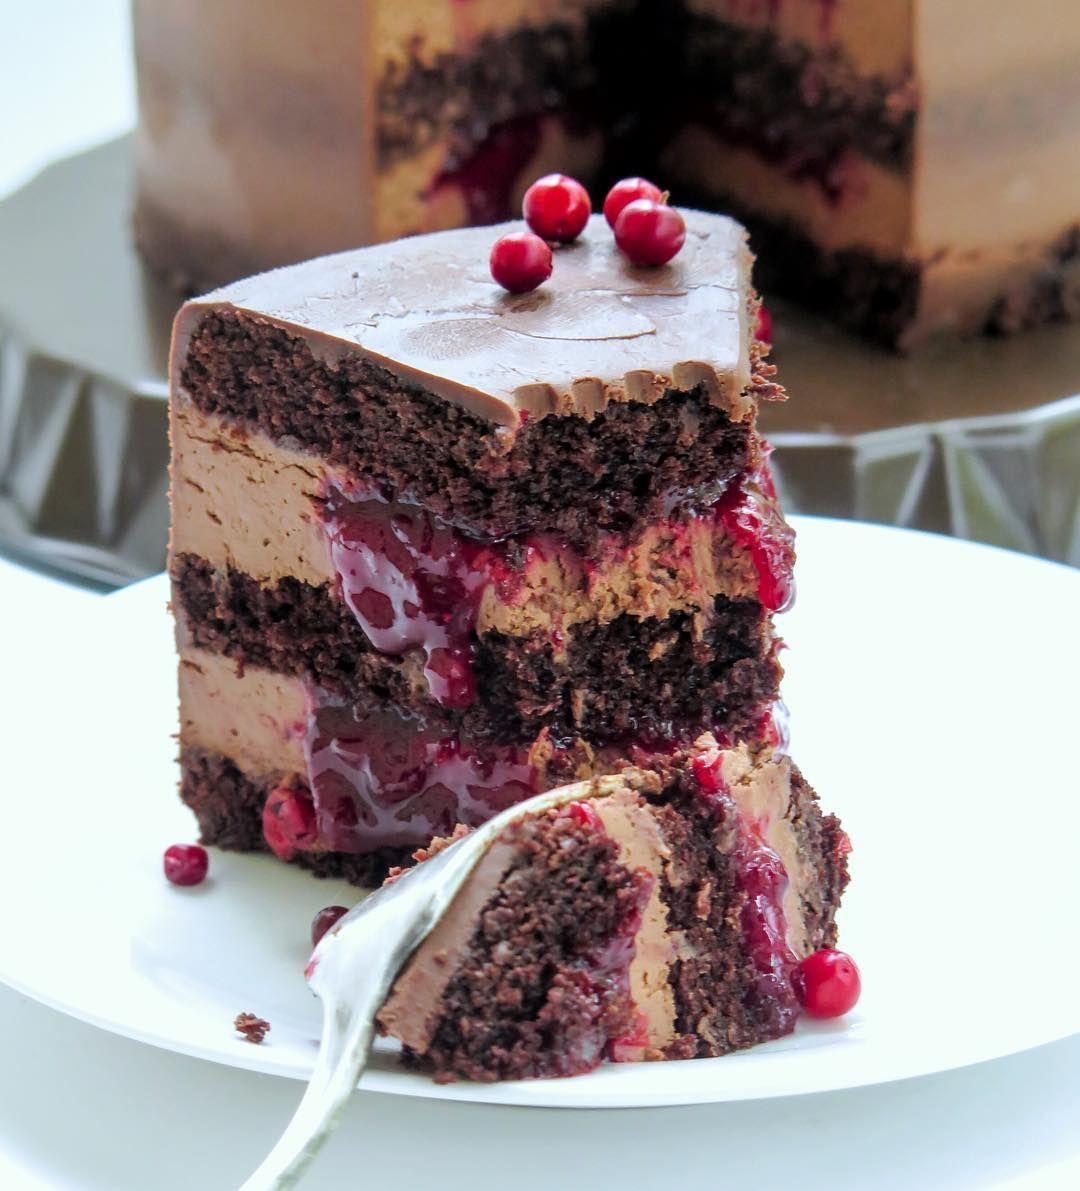 Шоколадно-брусничный торт (с изображениями) | Идеи для ...